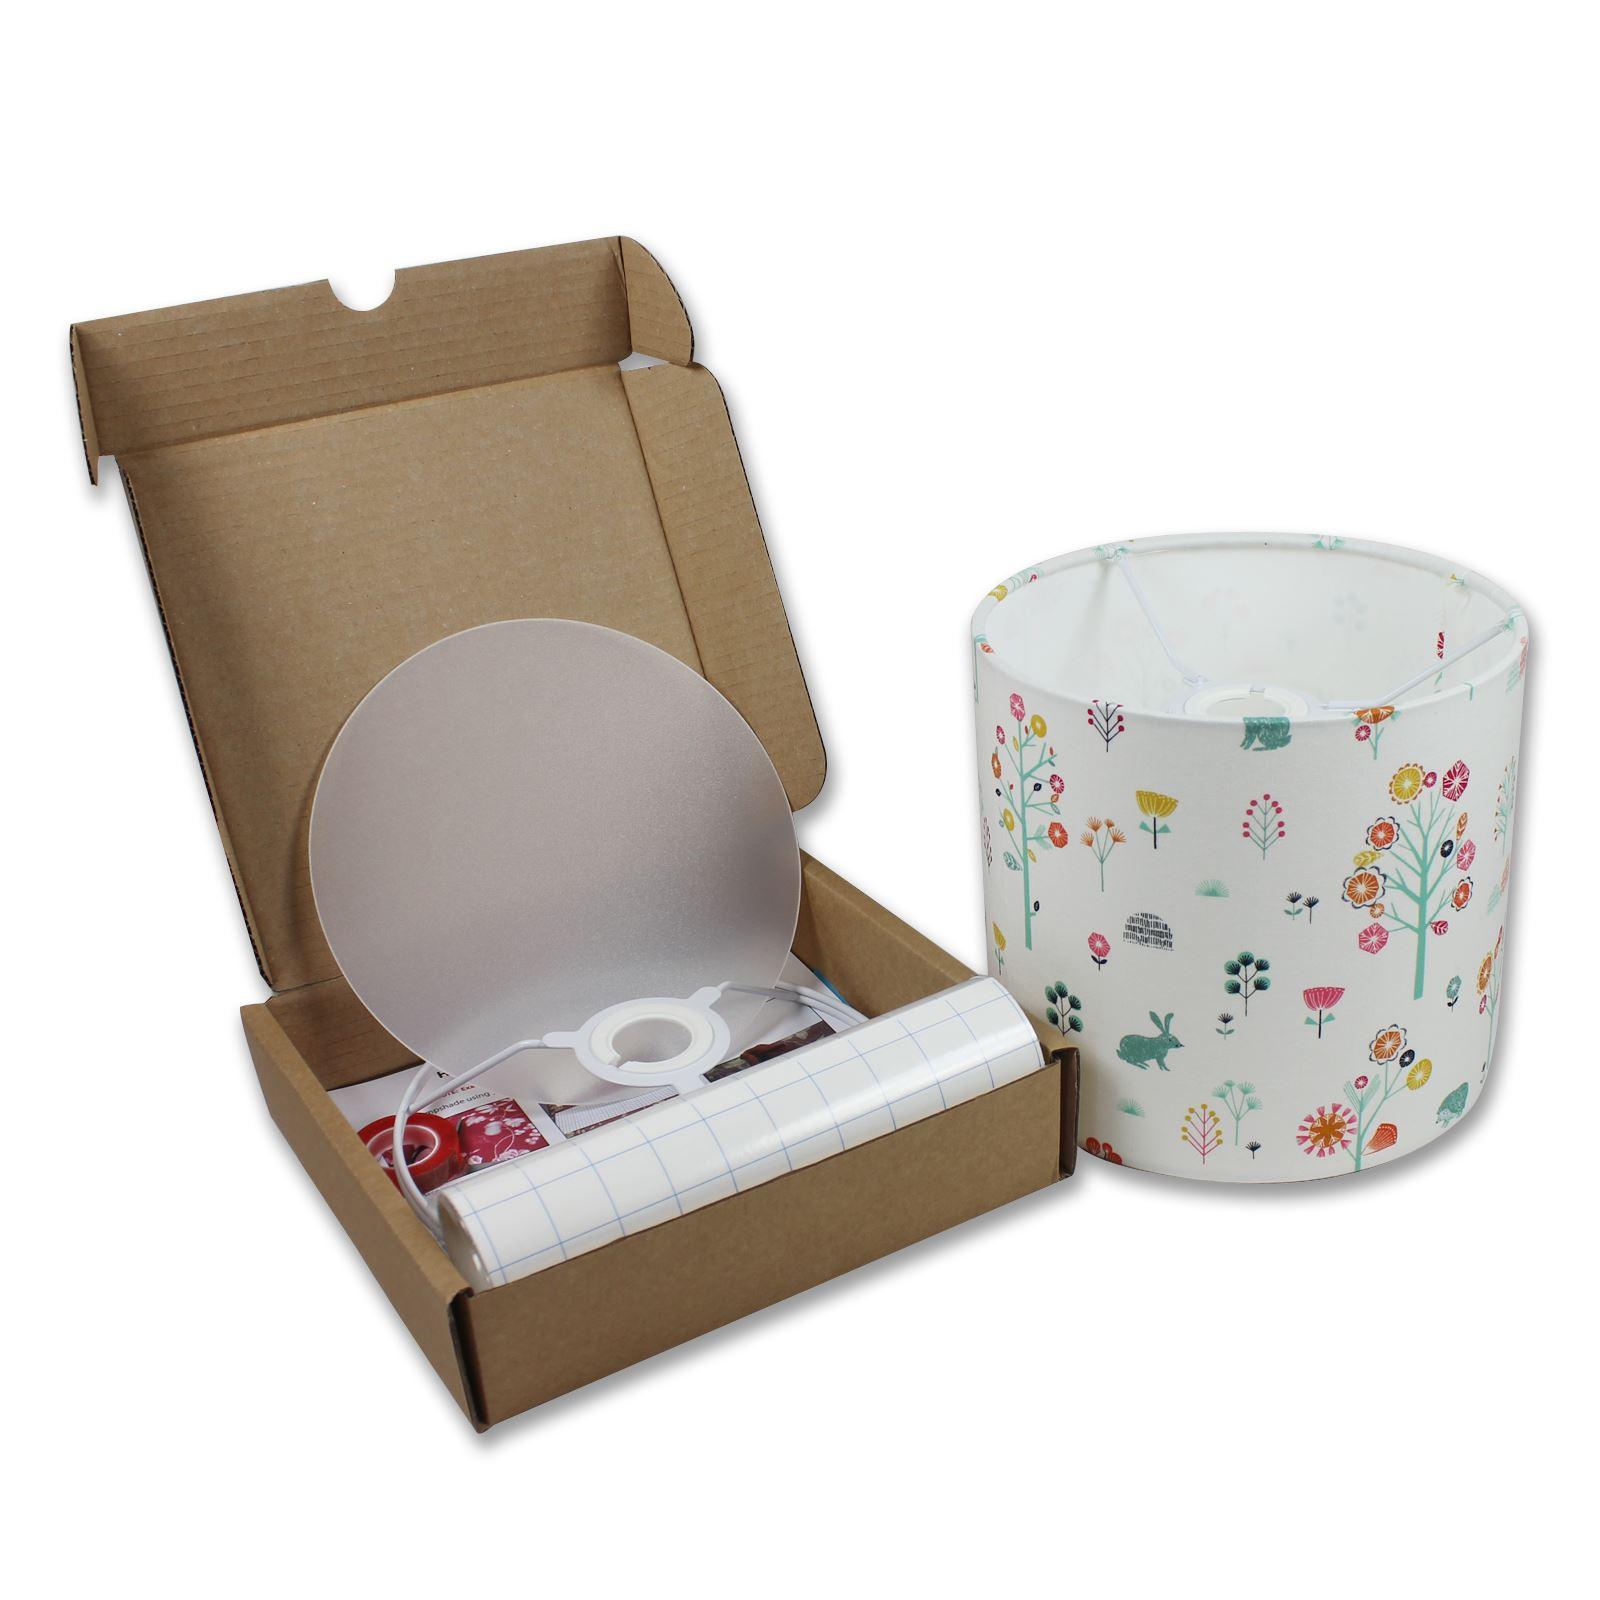 Self Adhesive Lamp Shade Kit : Lampshade kits make your own cm diameter drum